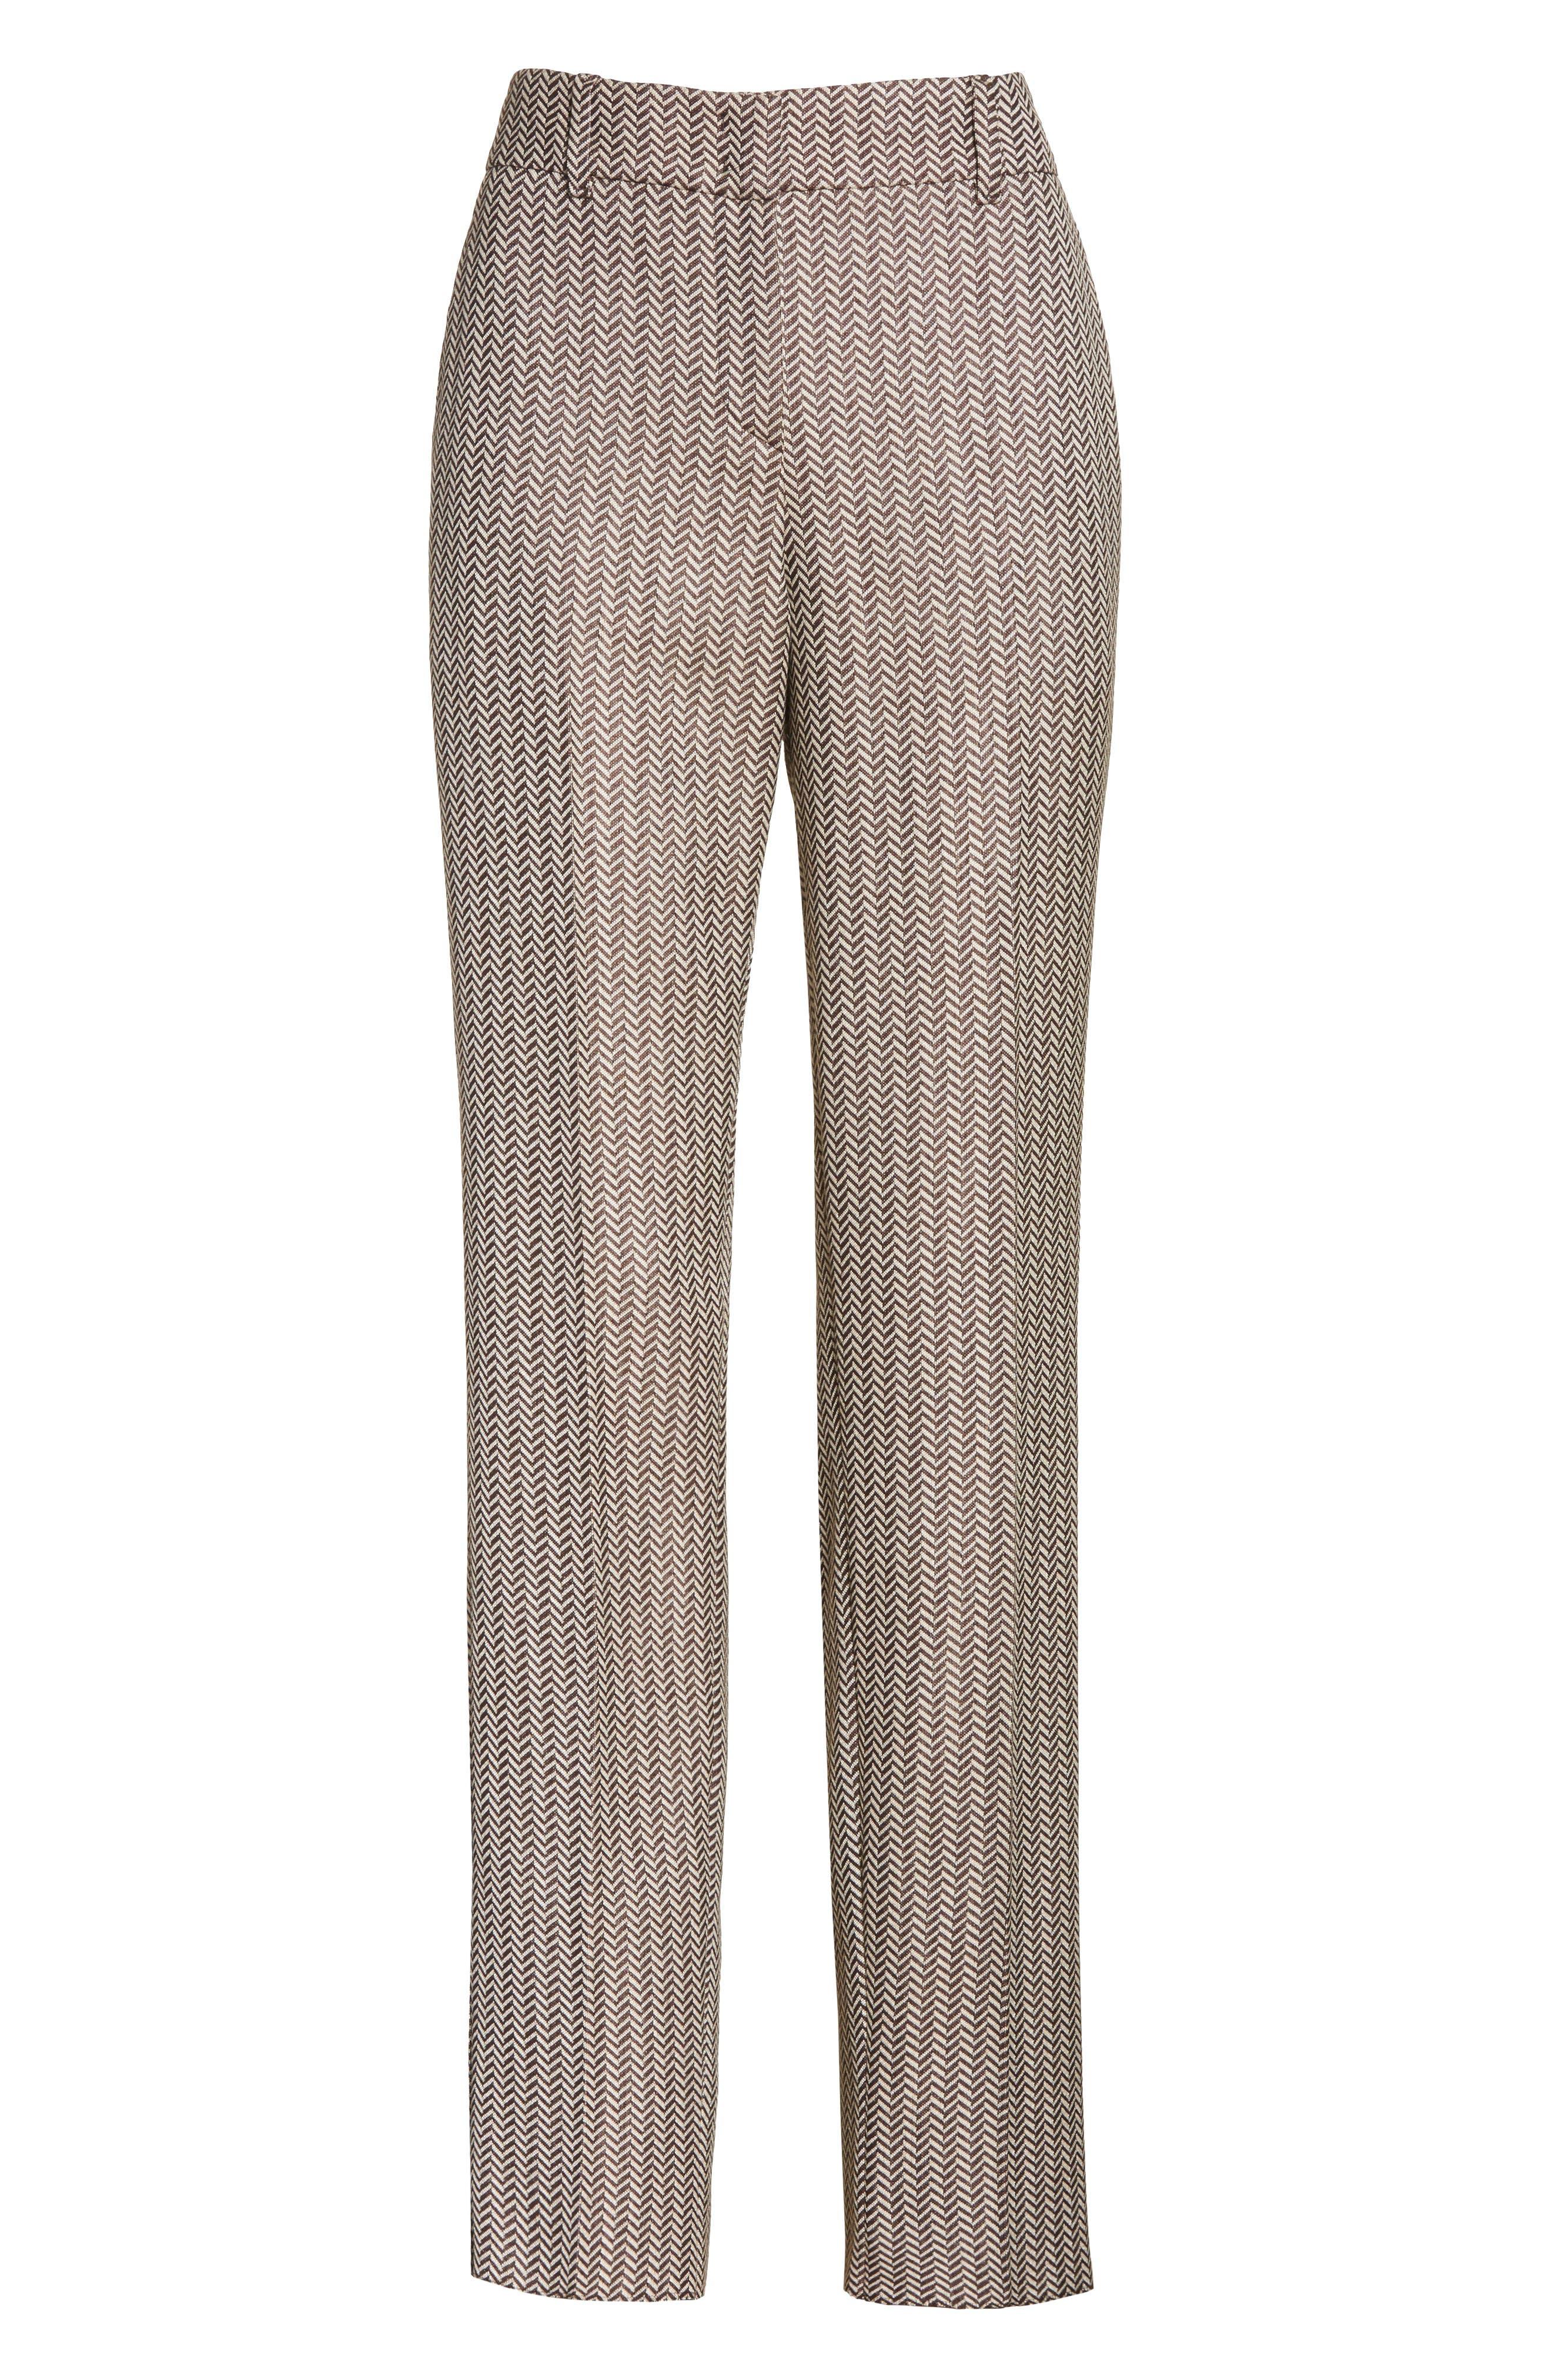 Herringbone Slim Pants,                             Alternate thumbnail 6, color,                             250